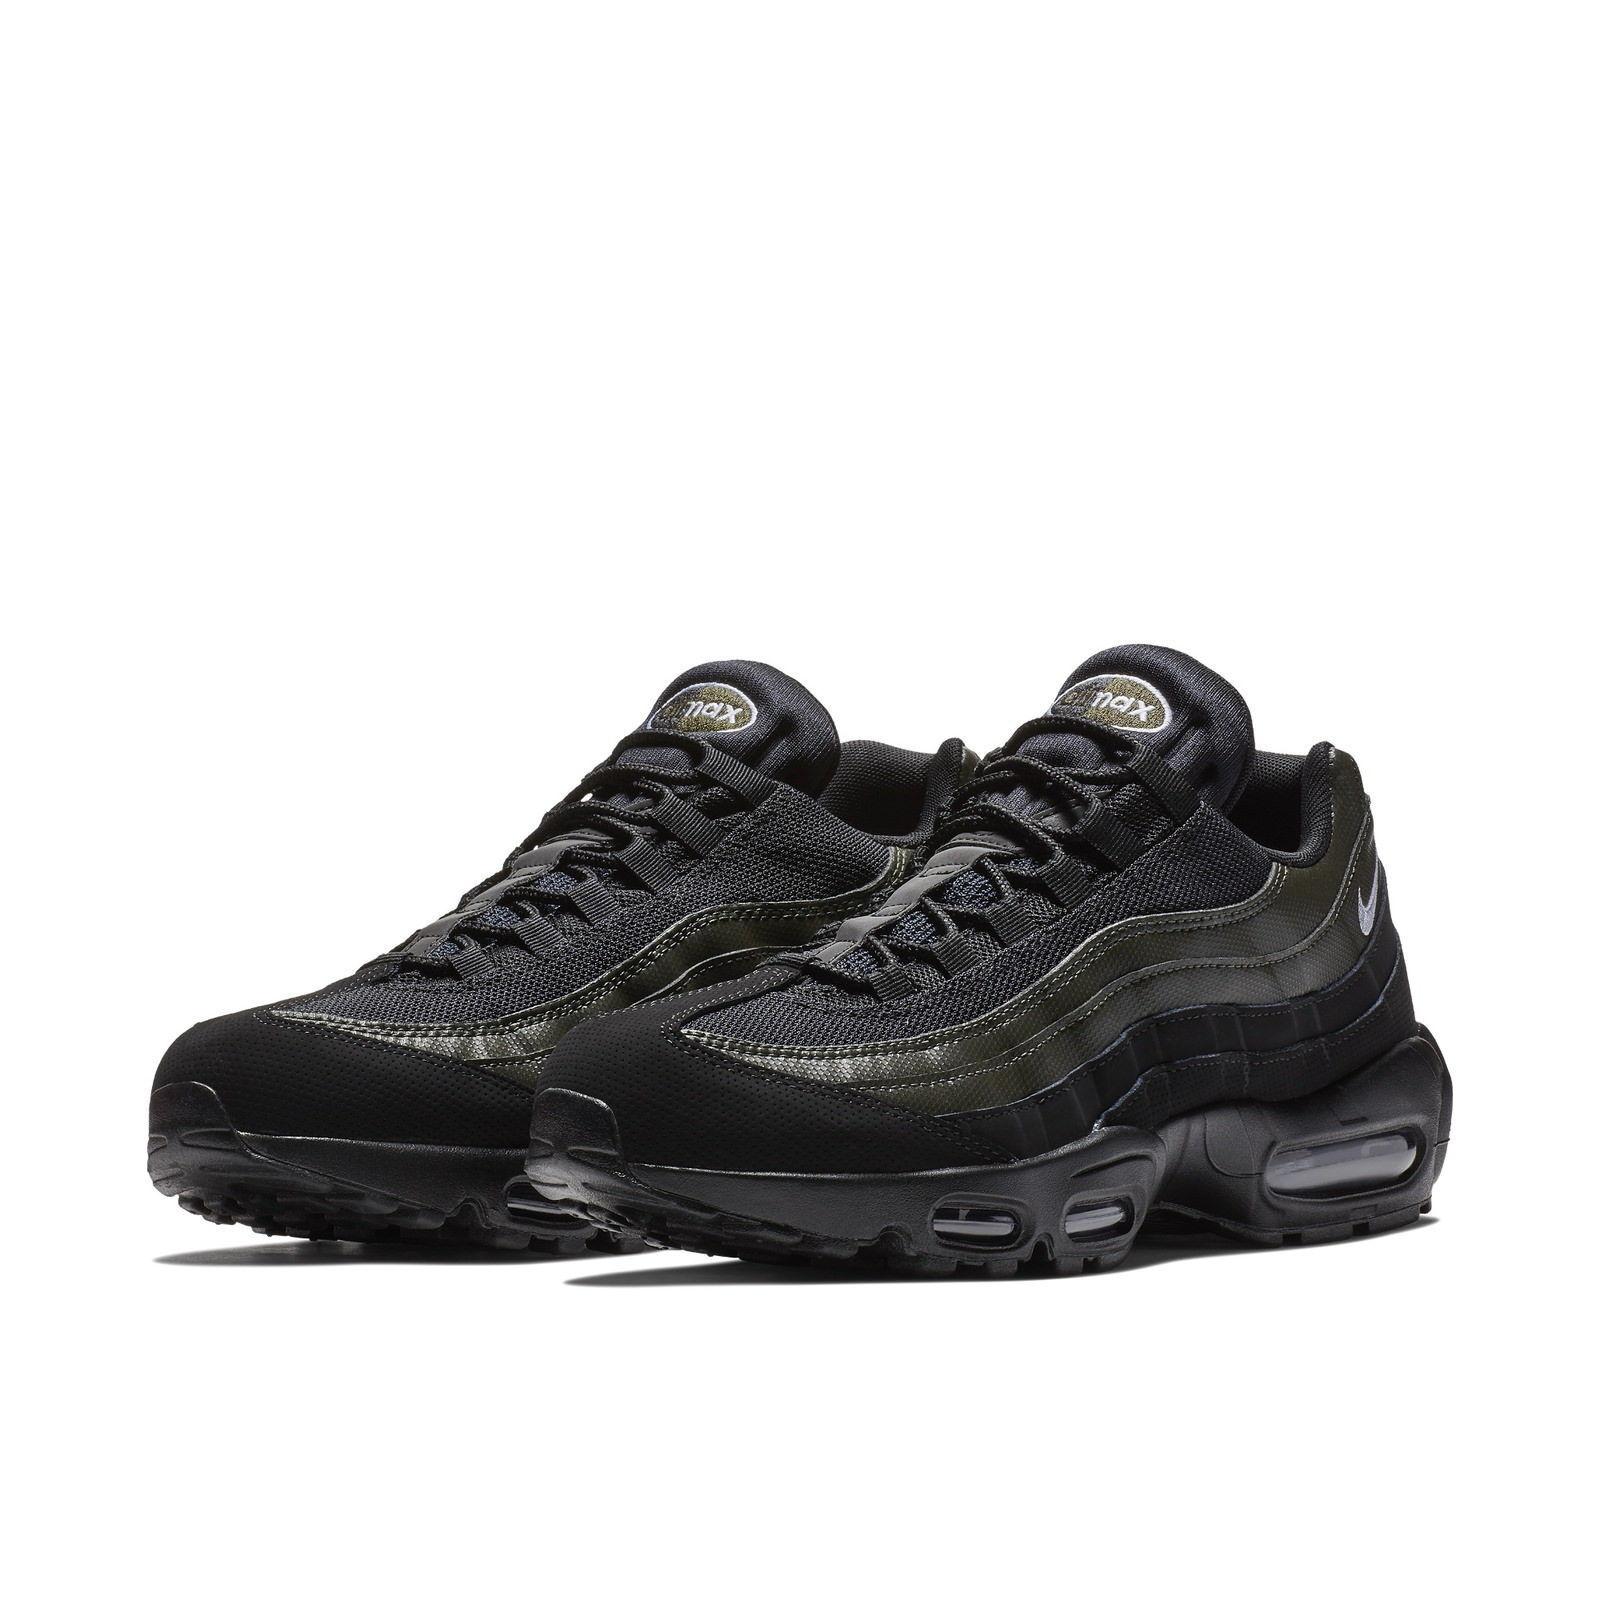 Descuento Hombres Nike Air Max 95 esencial 13 running negro Sequoia blanco 8 - 13 esencial NIB e3c5a5